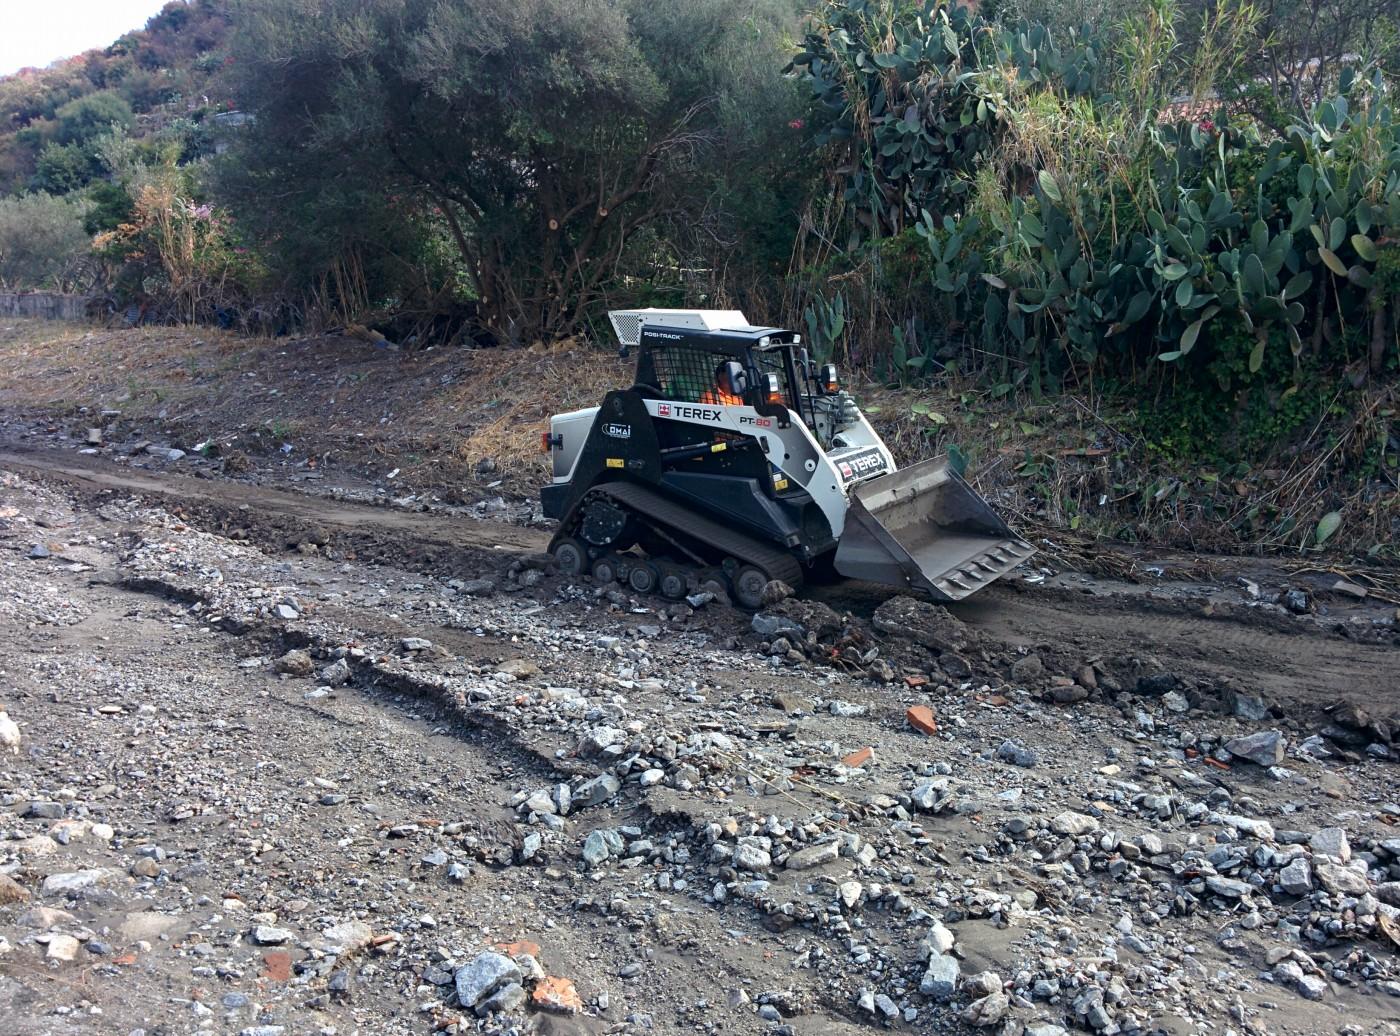 Foto bobcat della Protezione Civile - Ripristino torrente S.Michele, Giostra - Messina